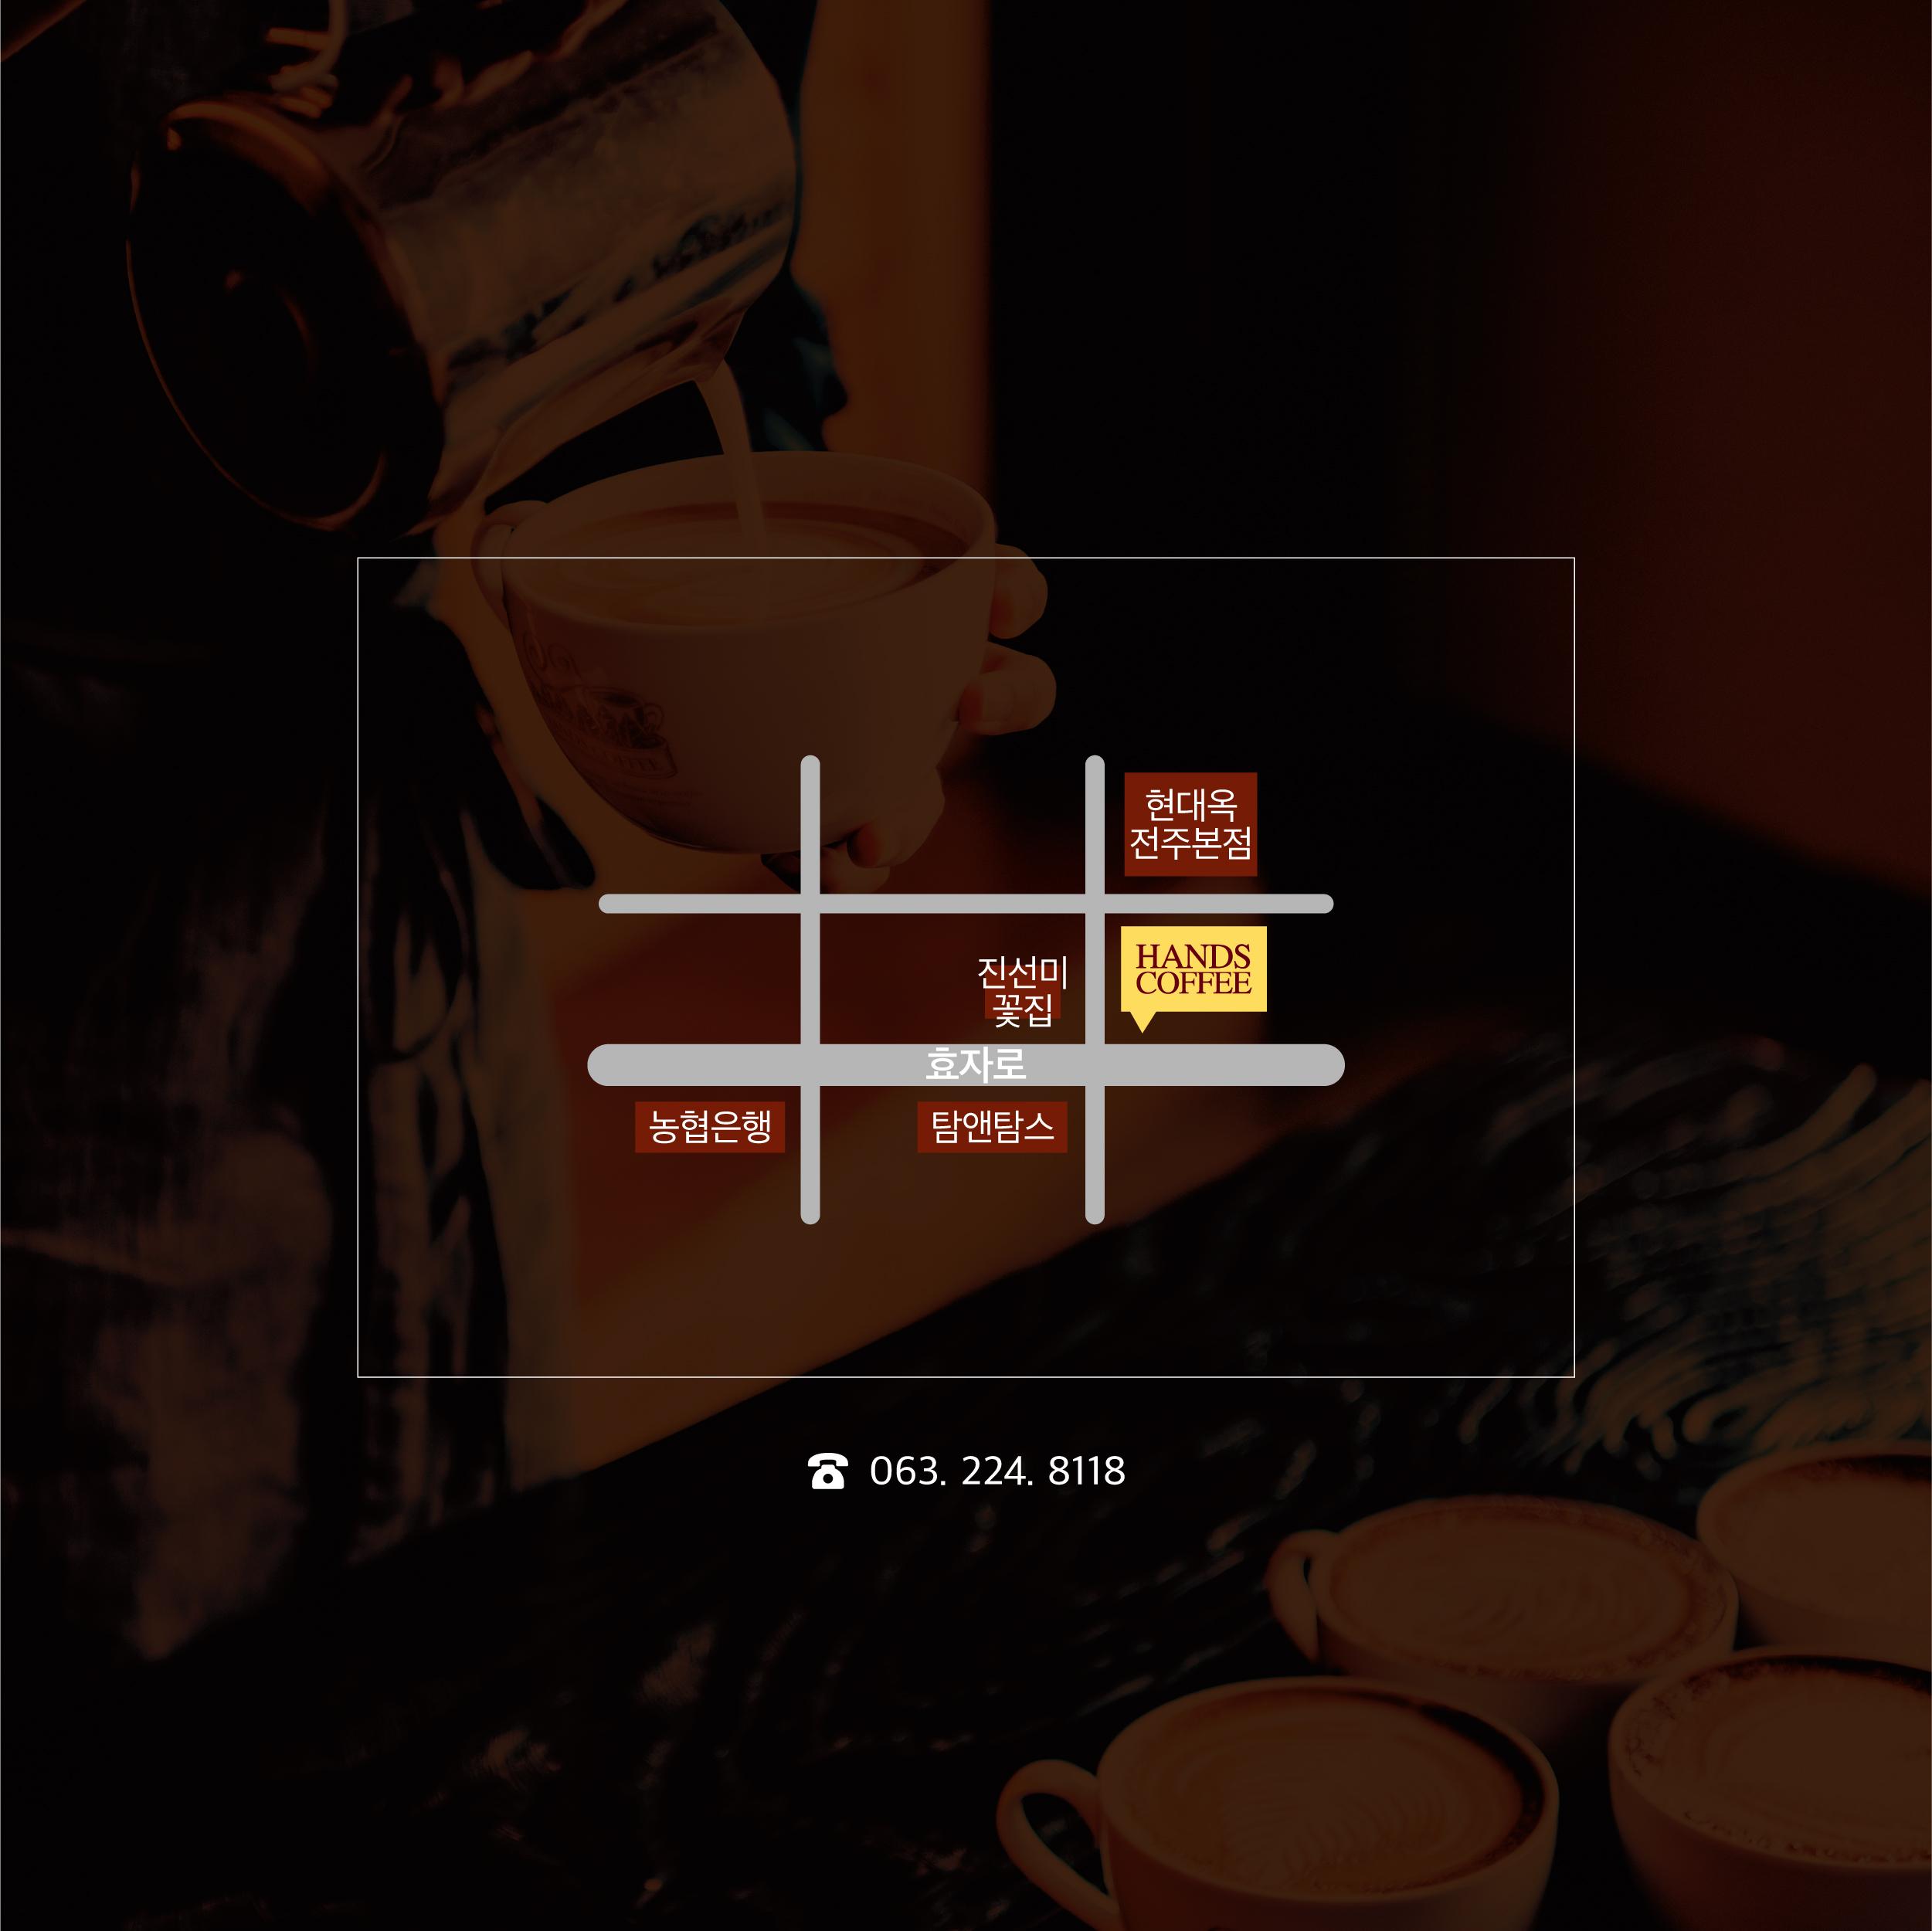 중화산점 오픈페이스북 수정5-05.jpg